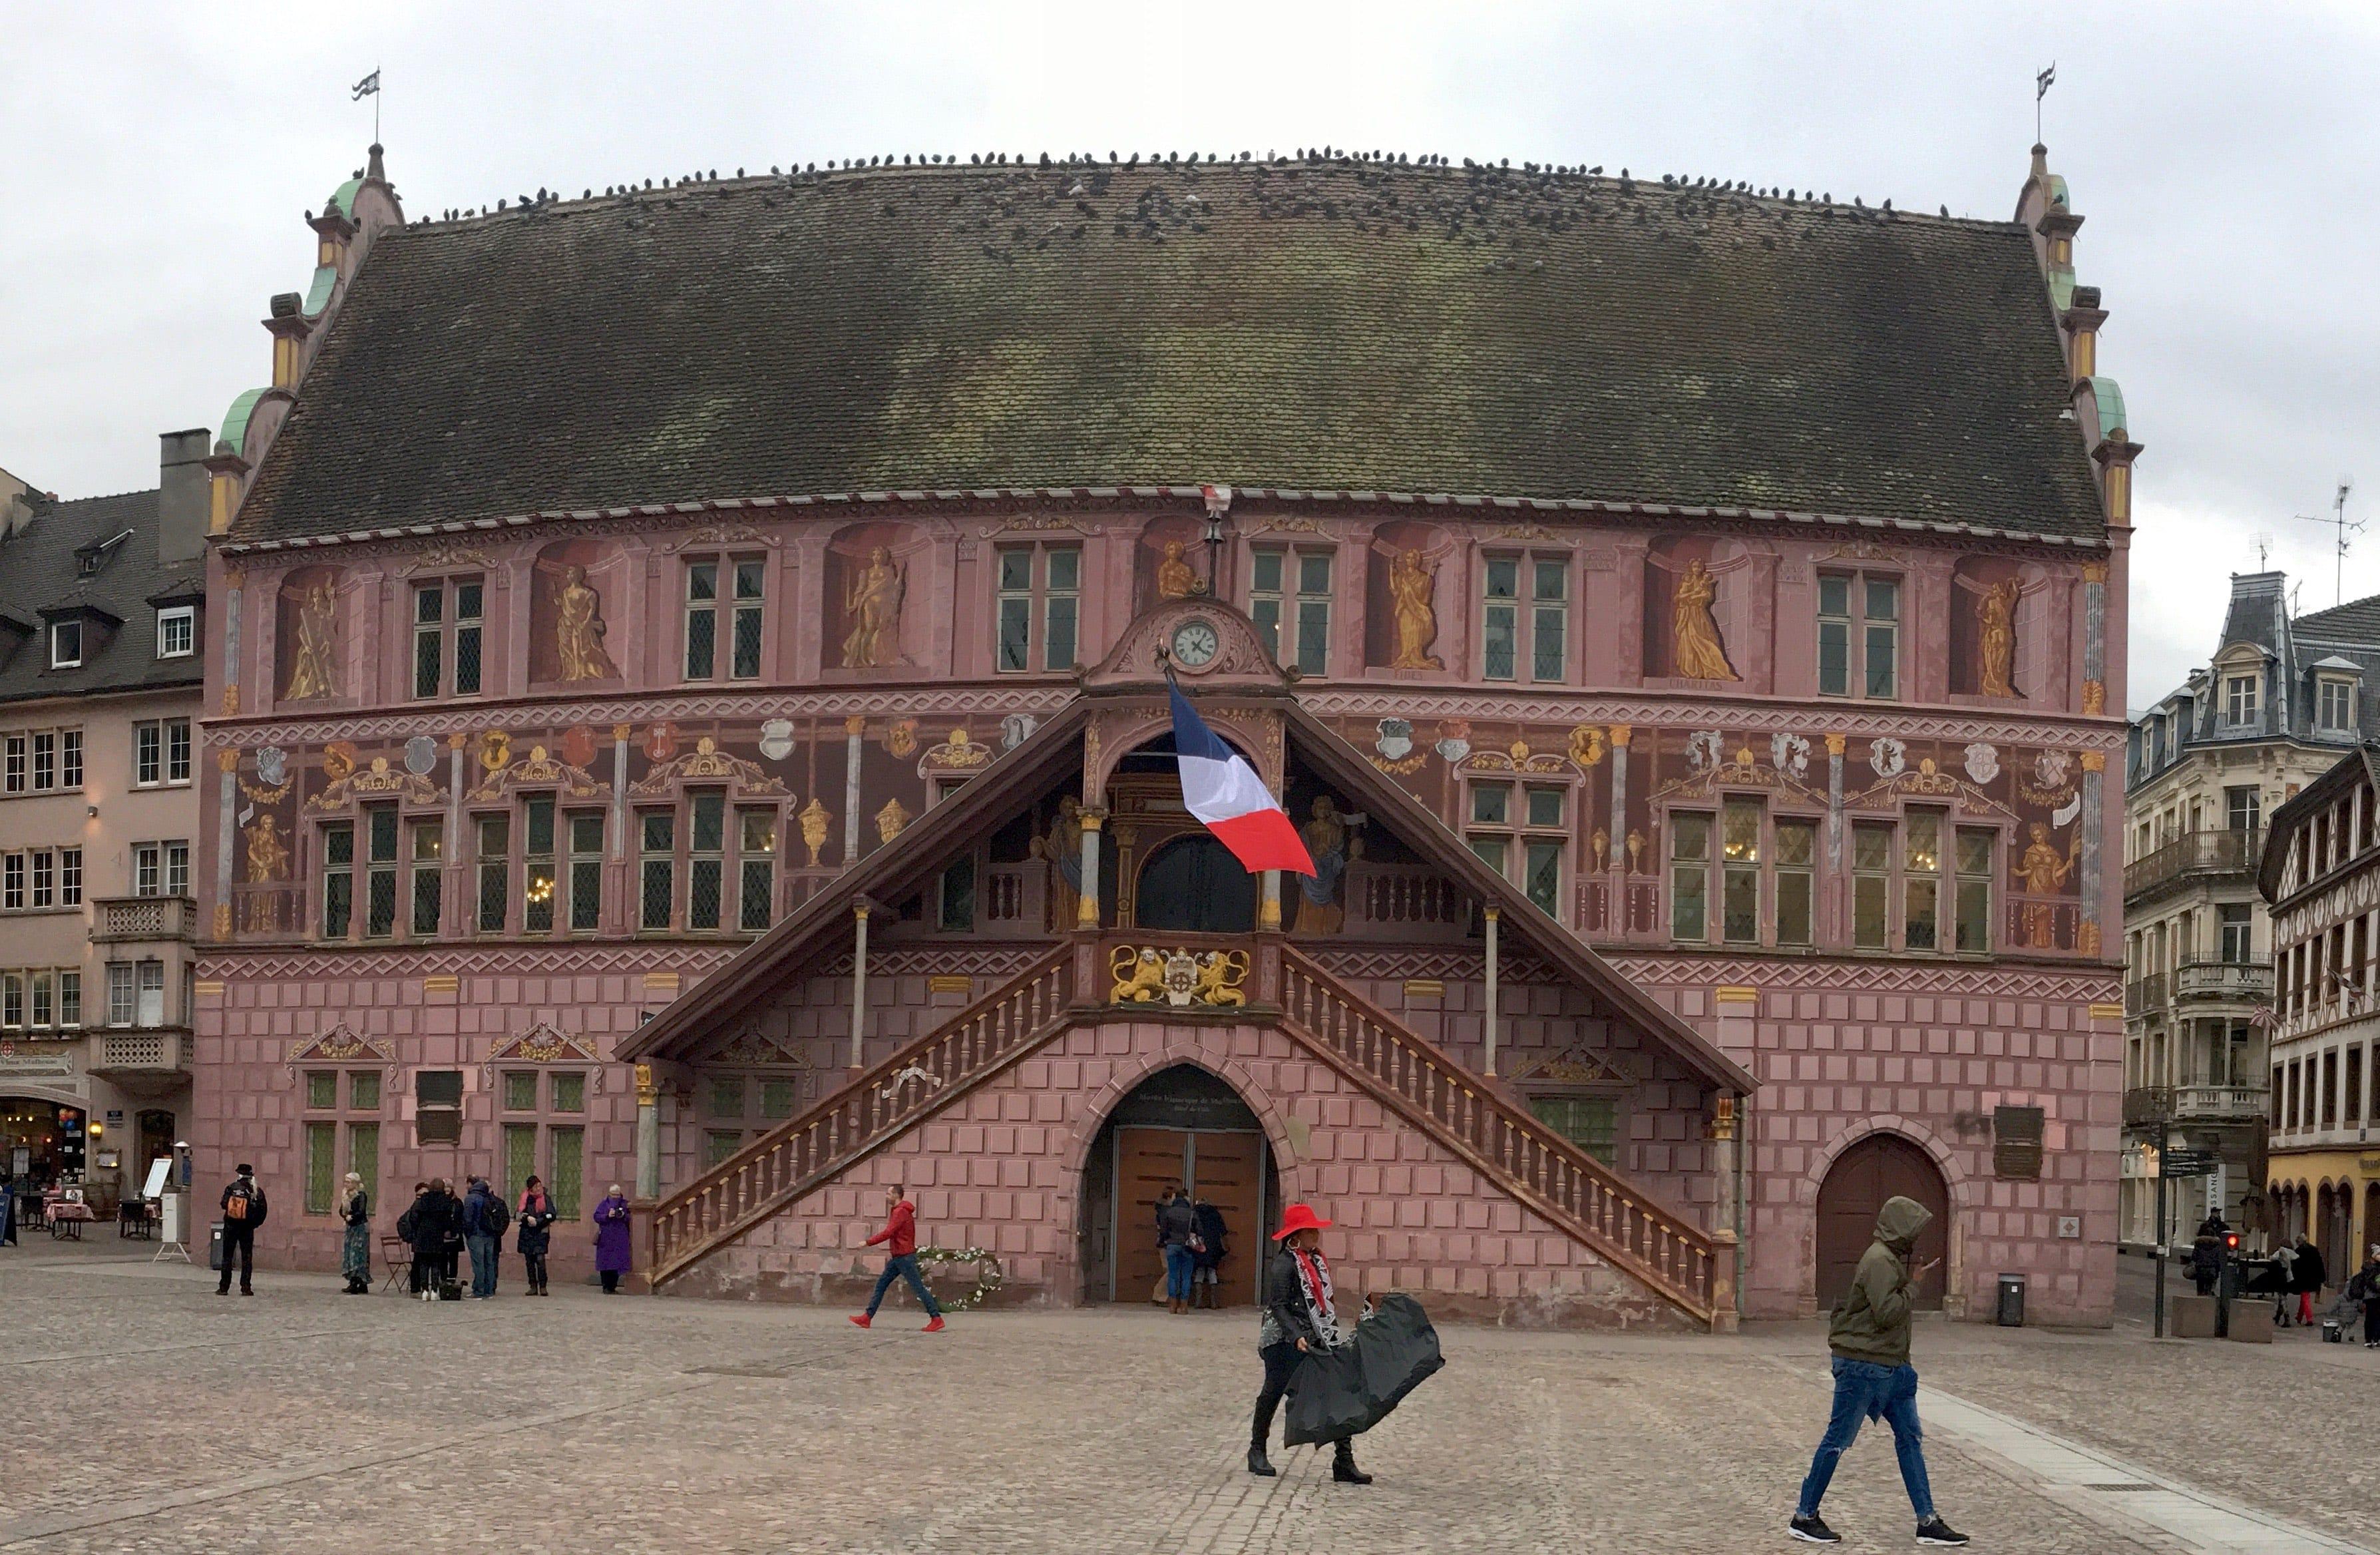 Vue de l'hôtel de l'ancien hôtel de ville de Mulhouse